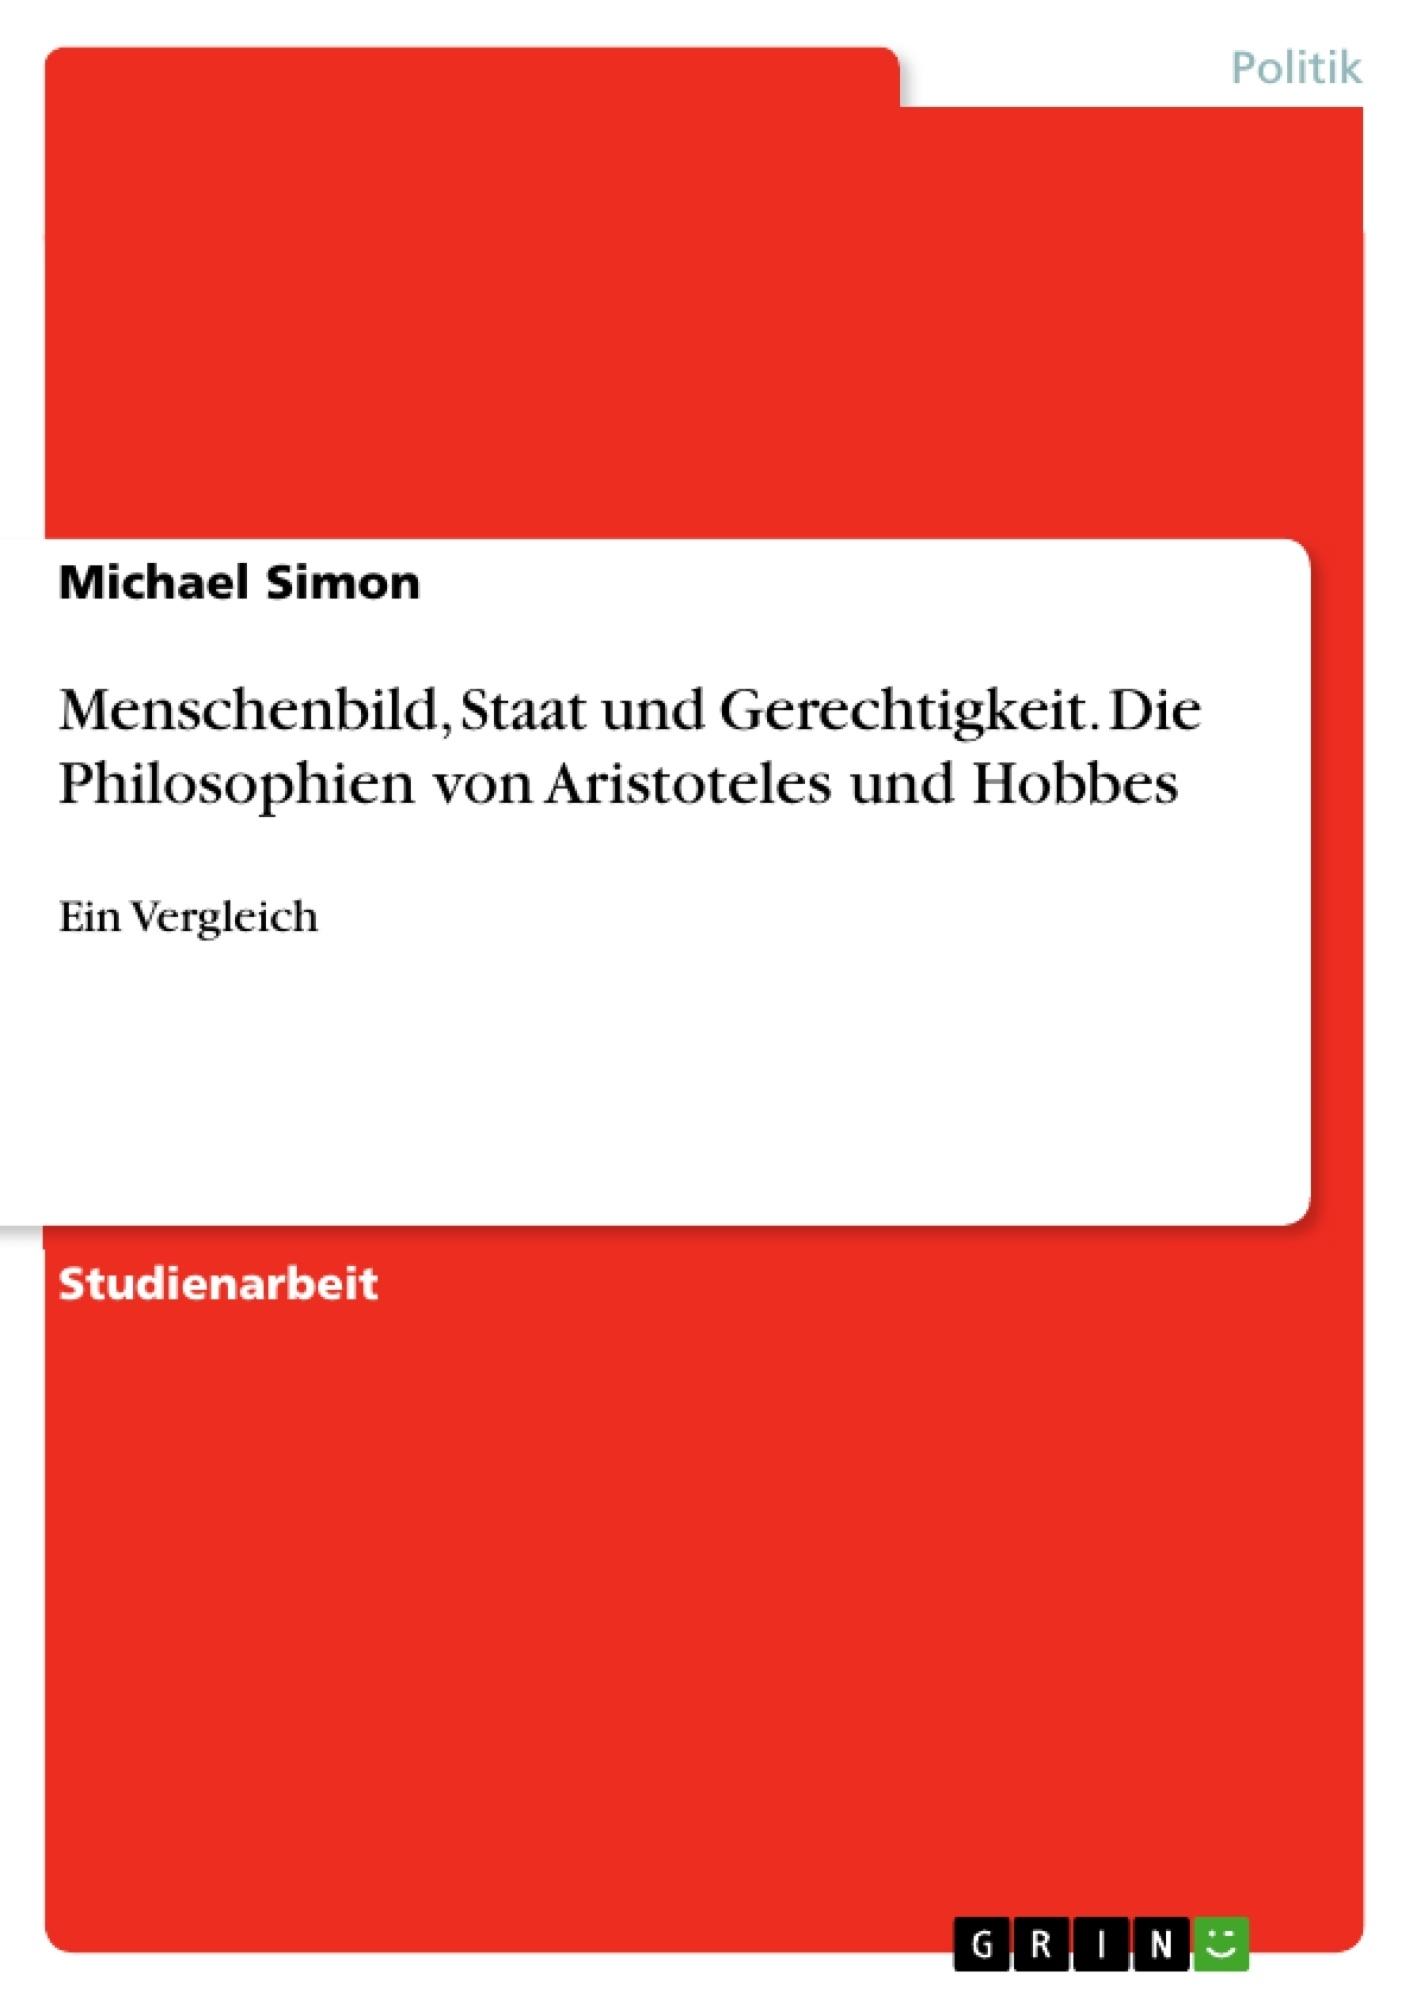 Titel: Menschenbild, Staat und Gerechtigkeit. Die Philosophien von Aristoteles und Hobbes